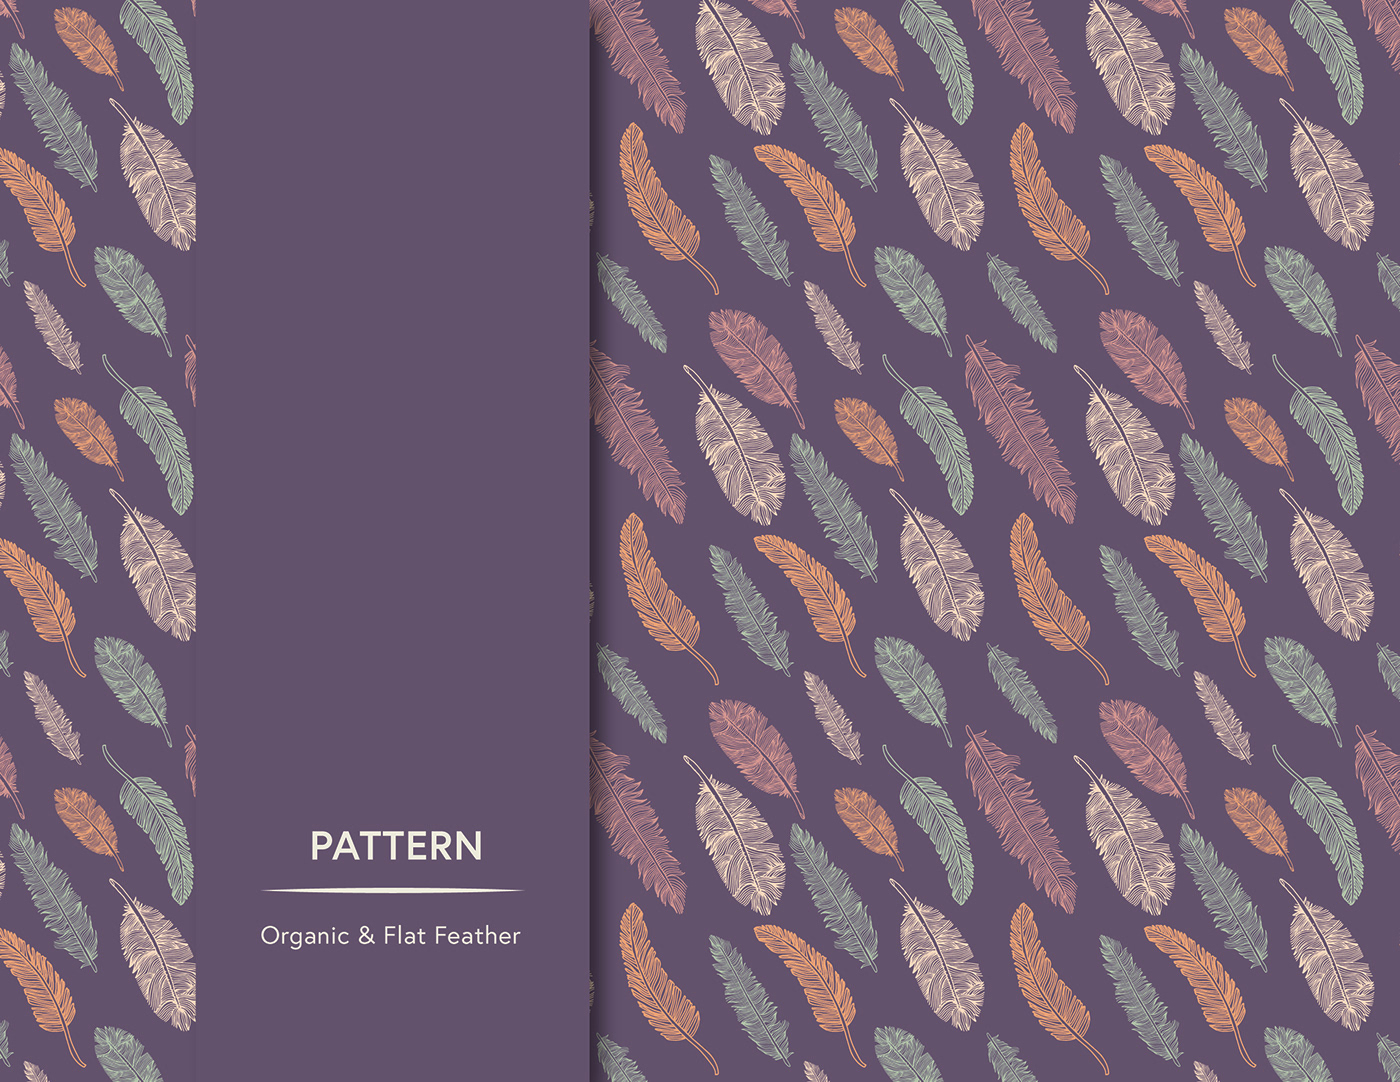 featherpattern geometricpattern nicepattern organicpattern pattern